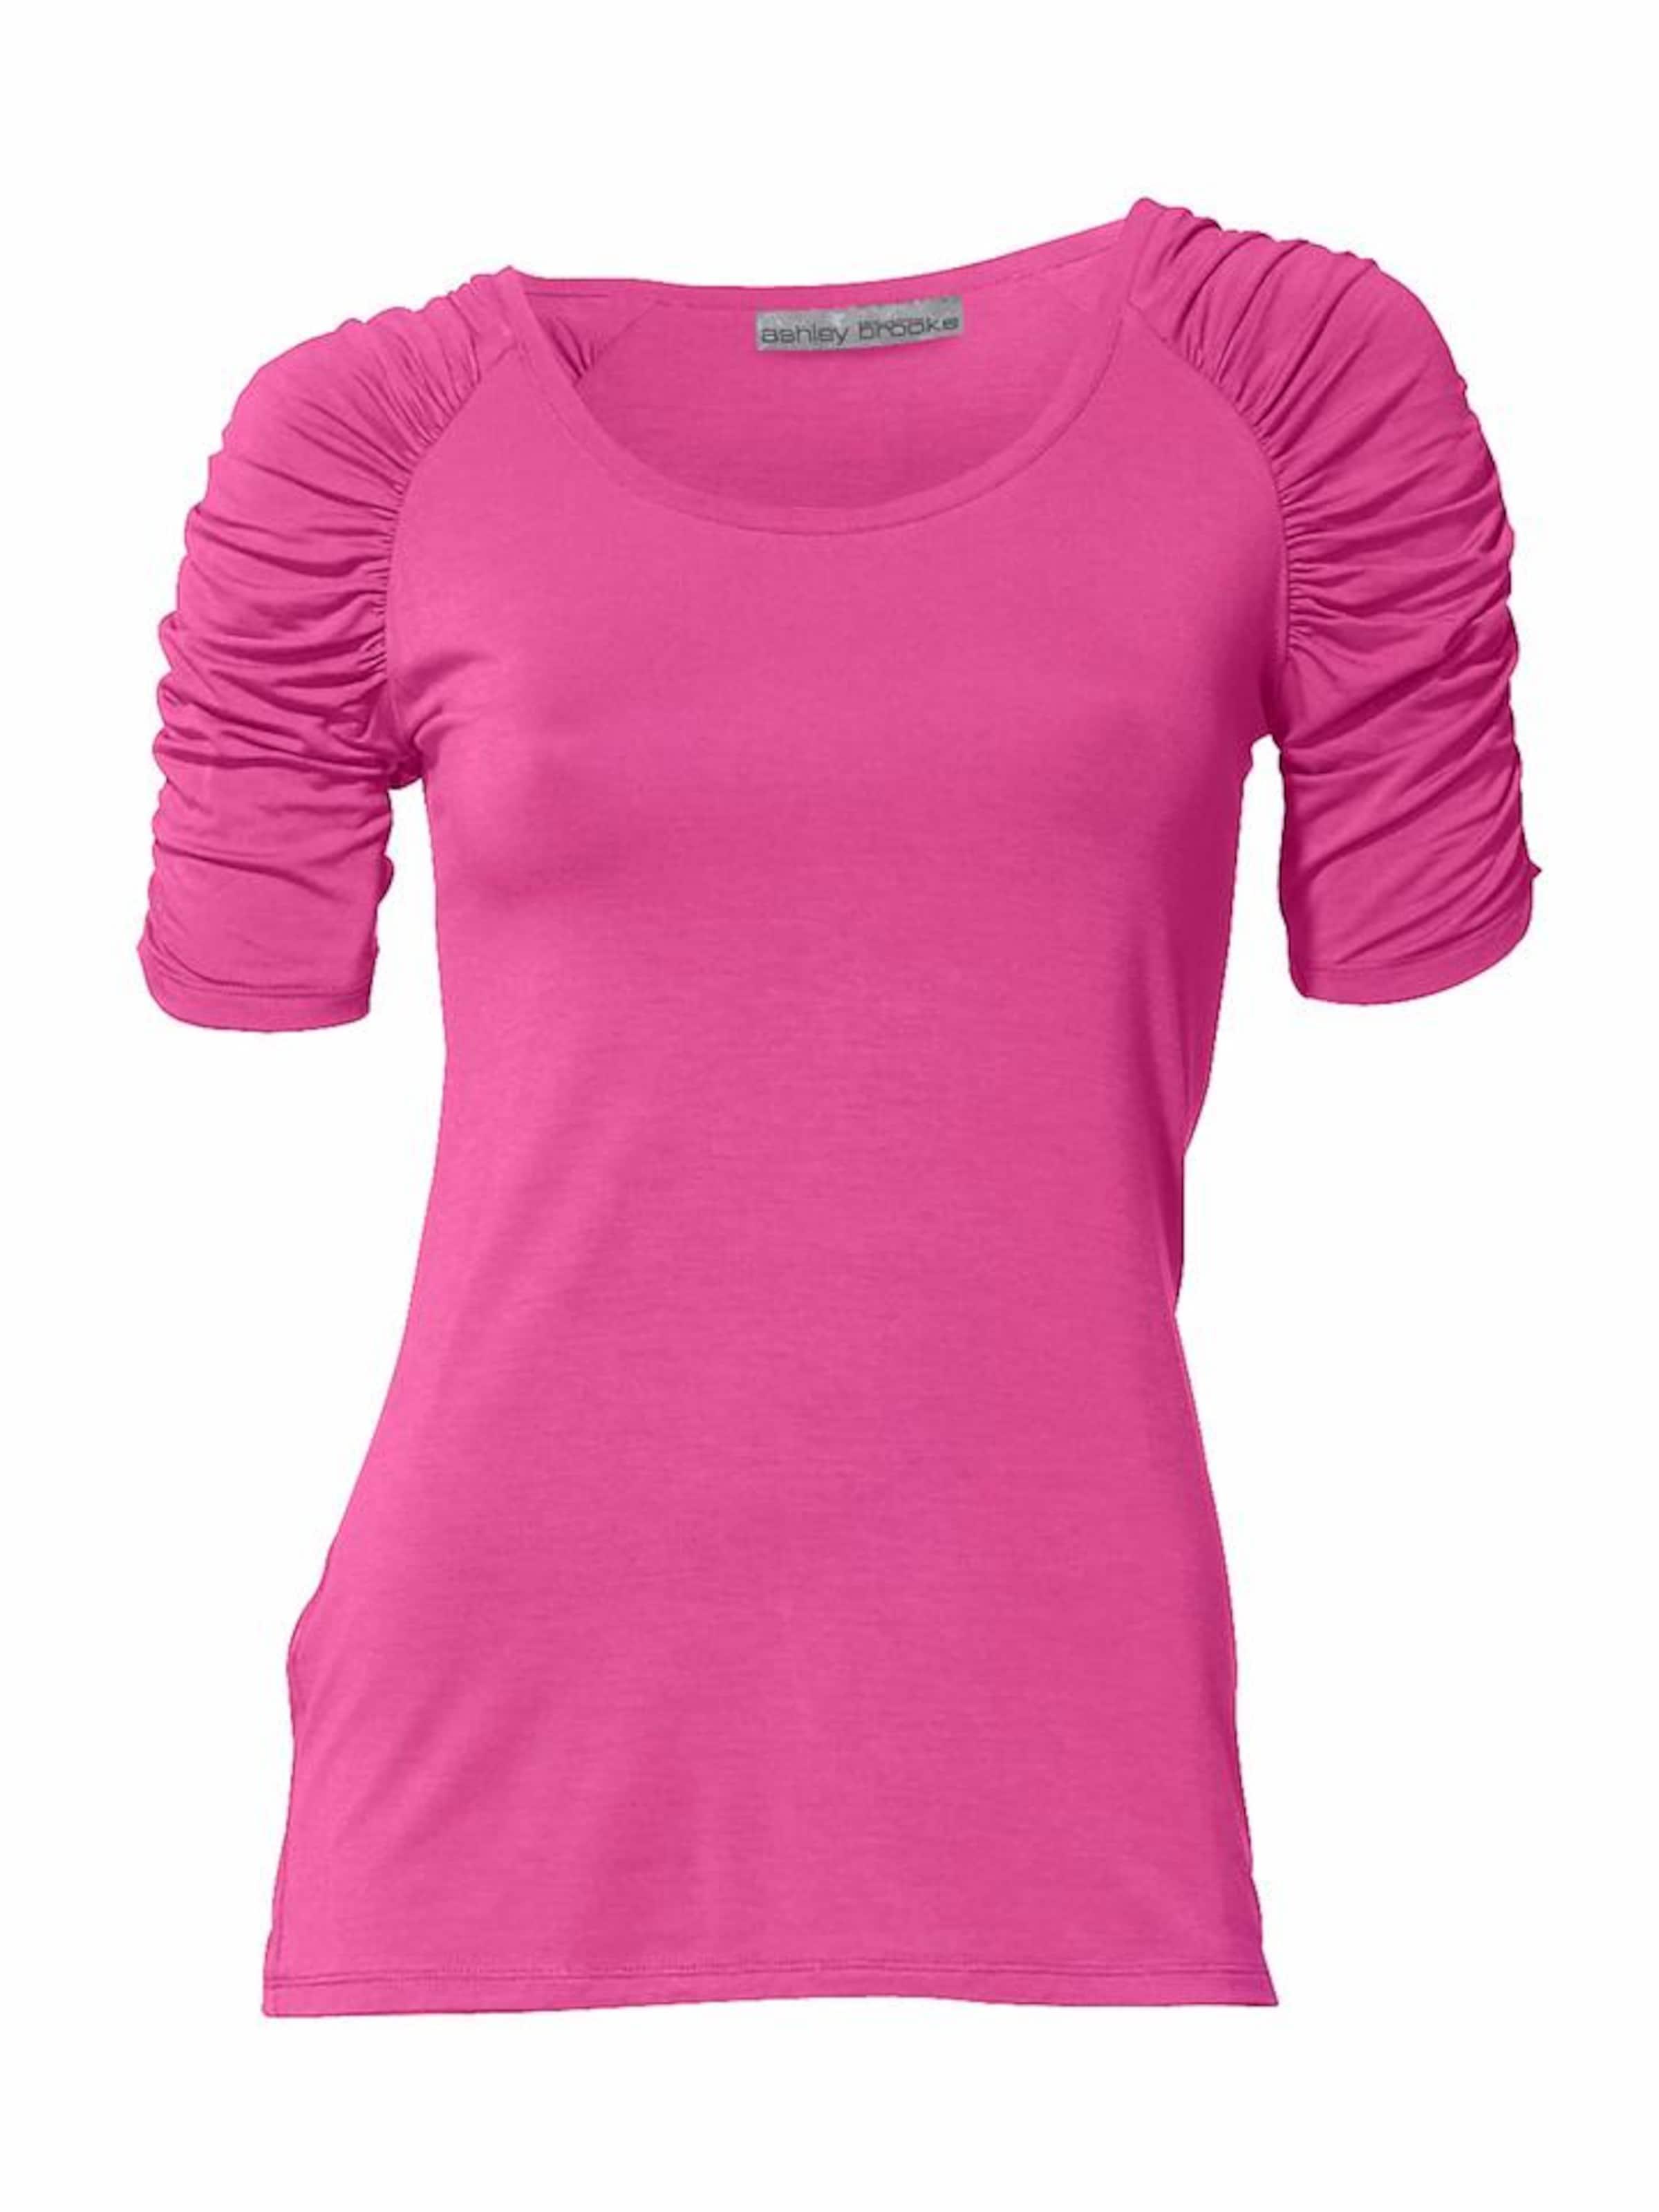 Rundhalsshirt Pink Rundhalsshirt Pink In Heine In Heine Heine D9WEH2I